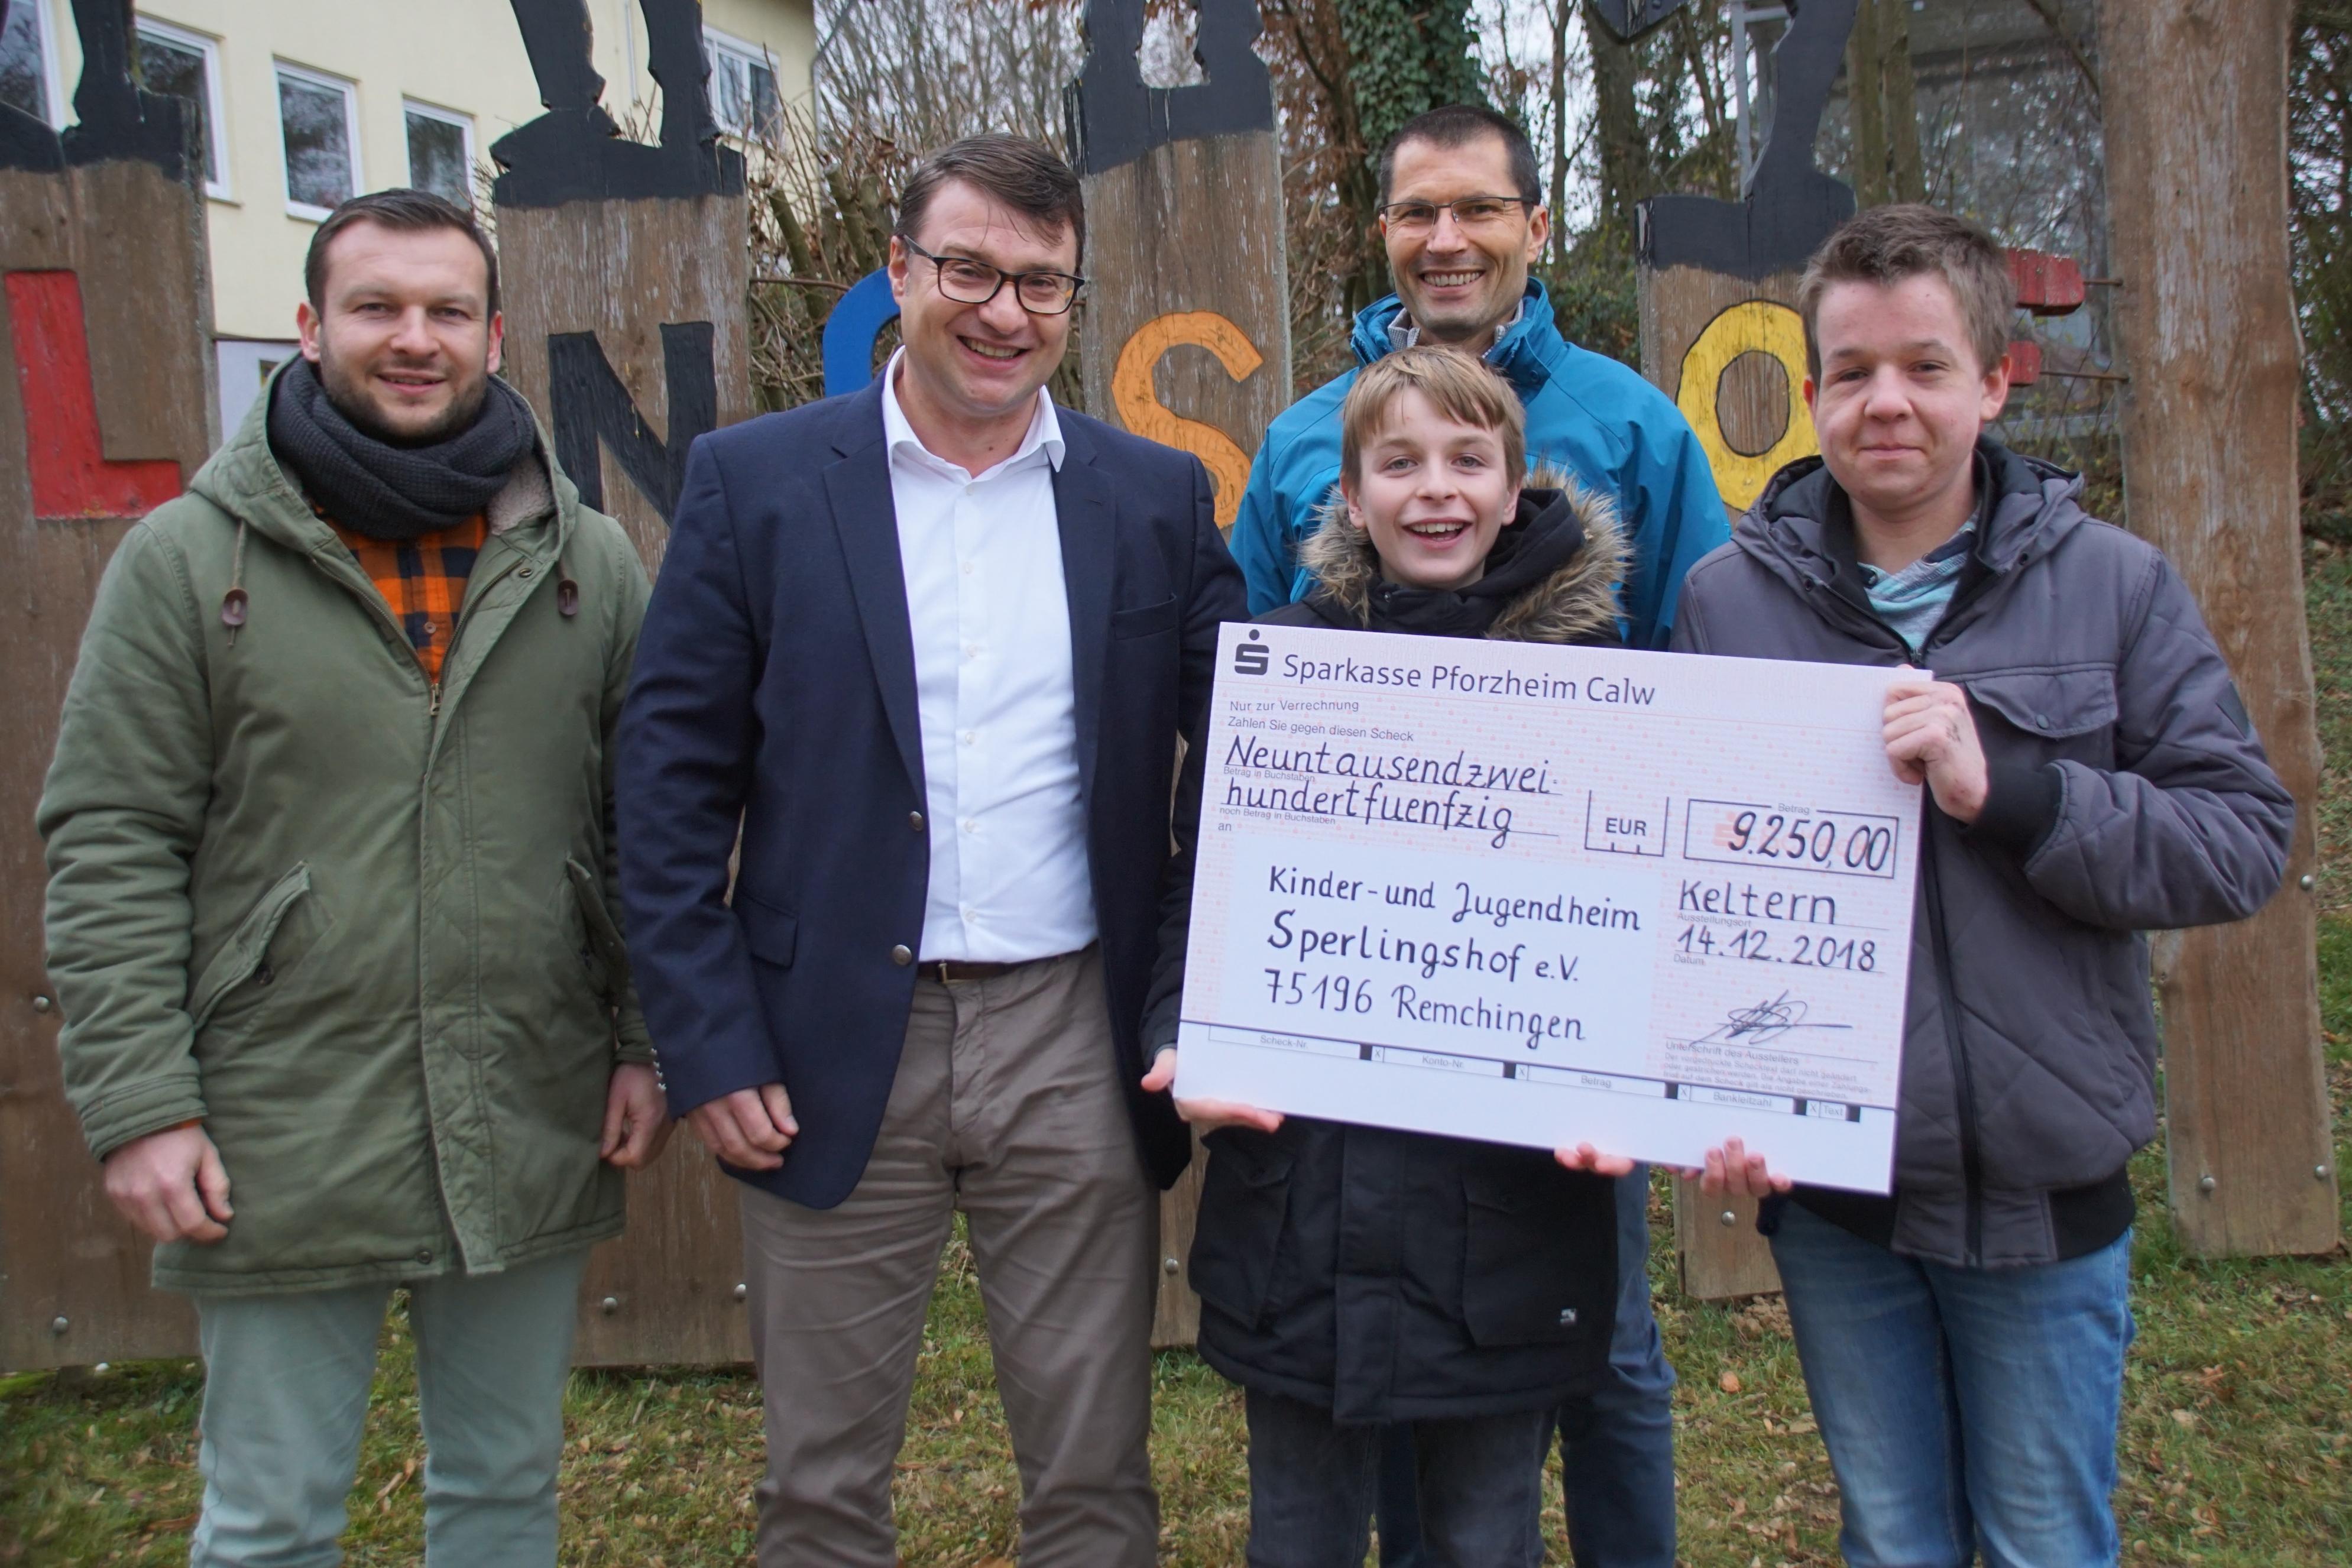 Spendenübergabe mit (v.l.) Jochen Essig, Markus Kurtz, Raimund Schmidt und zwei Jungs des Sperlingshofs.